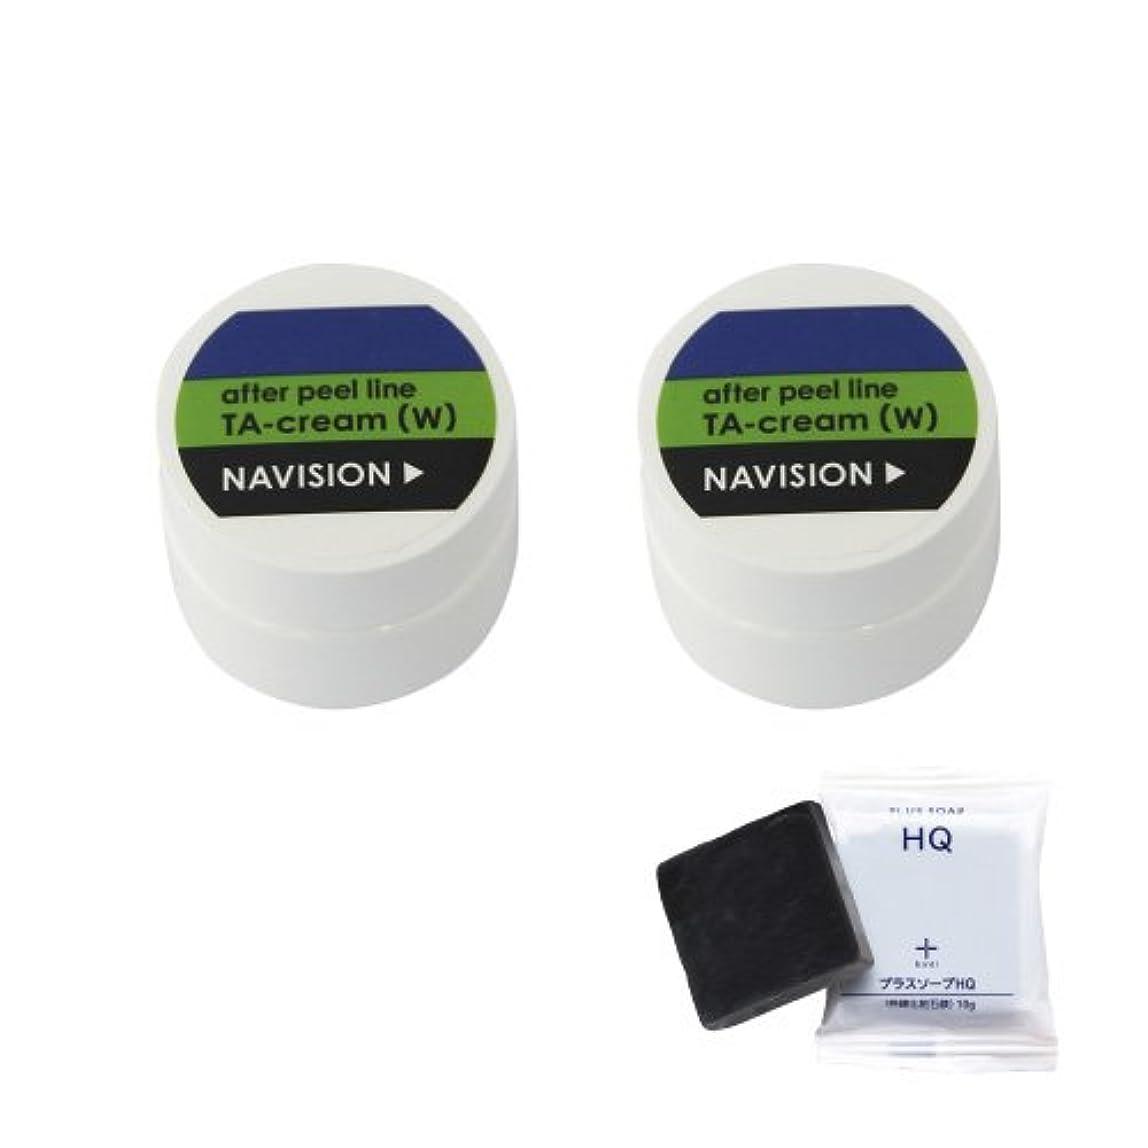 収縮実行可能誕生日ナビジョン NAVISION TAクリーム(W)(医薬部外品) (2個+ミニソープセット)